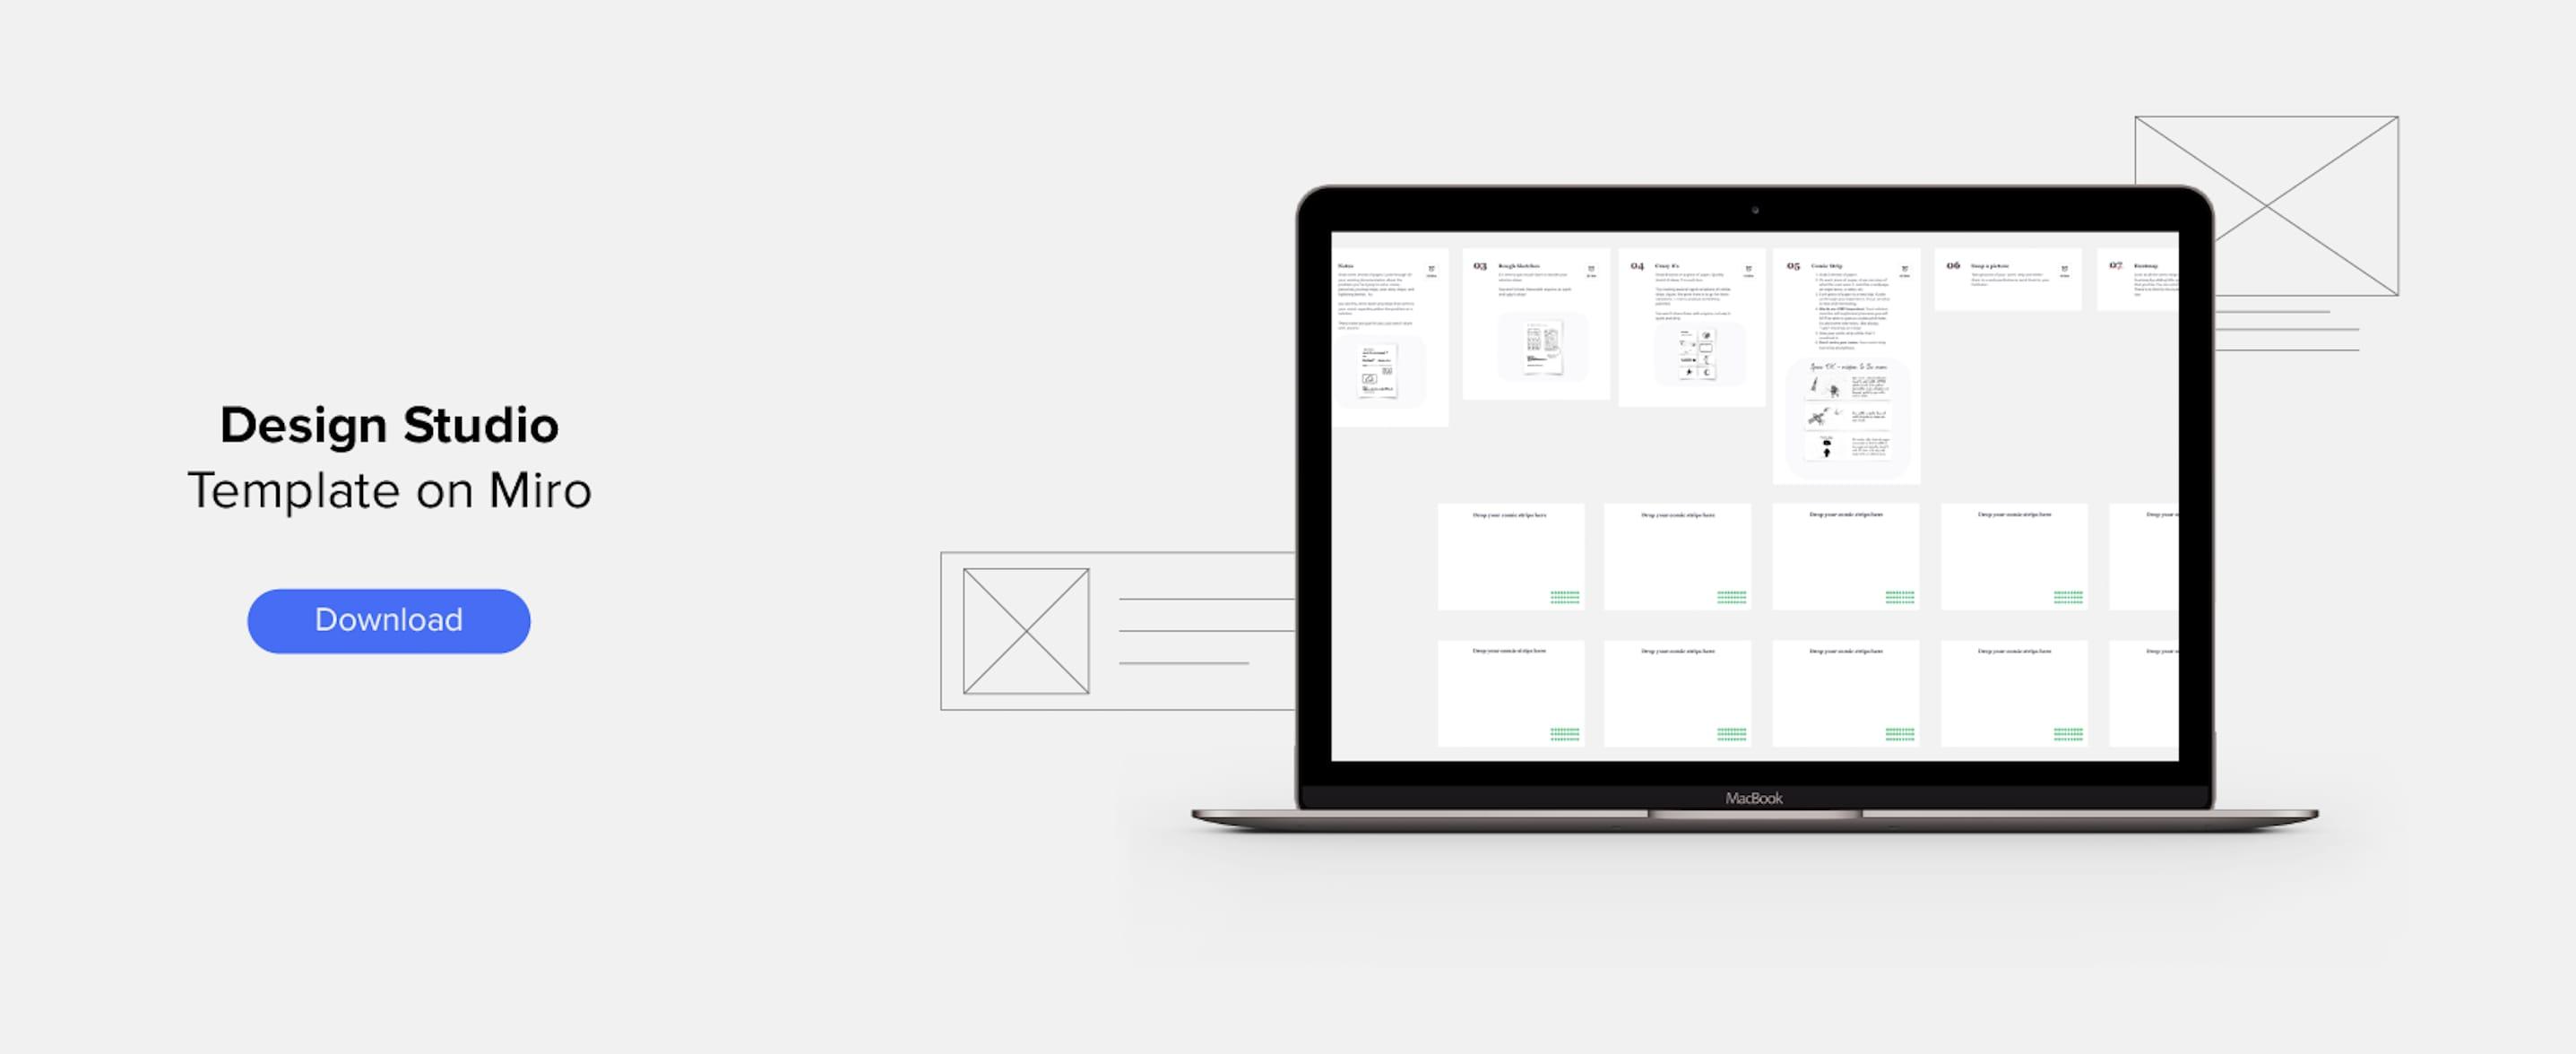 Remote Product Management - Design Studio